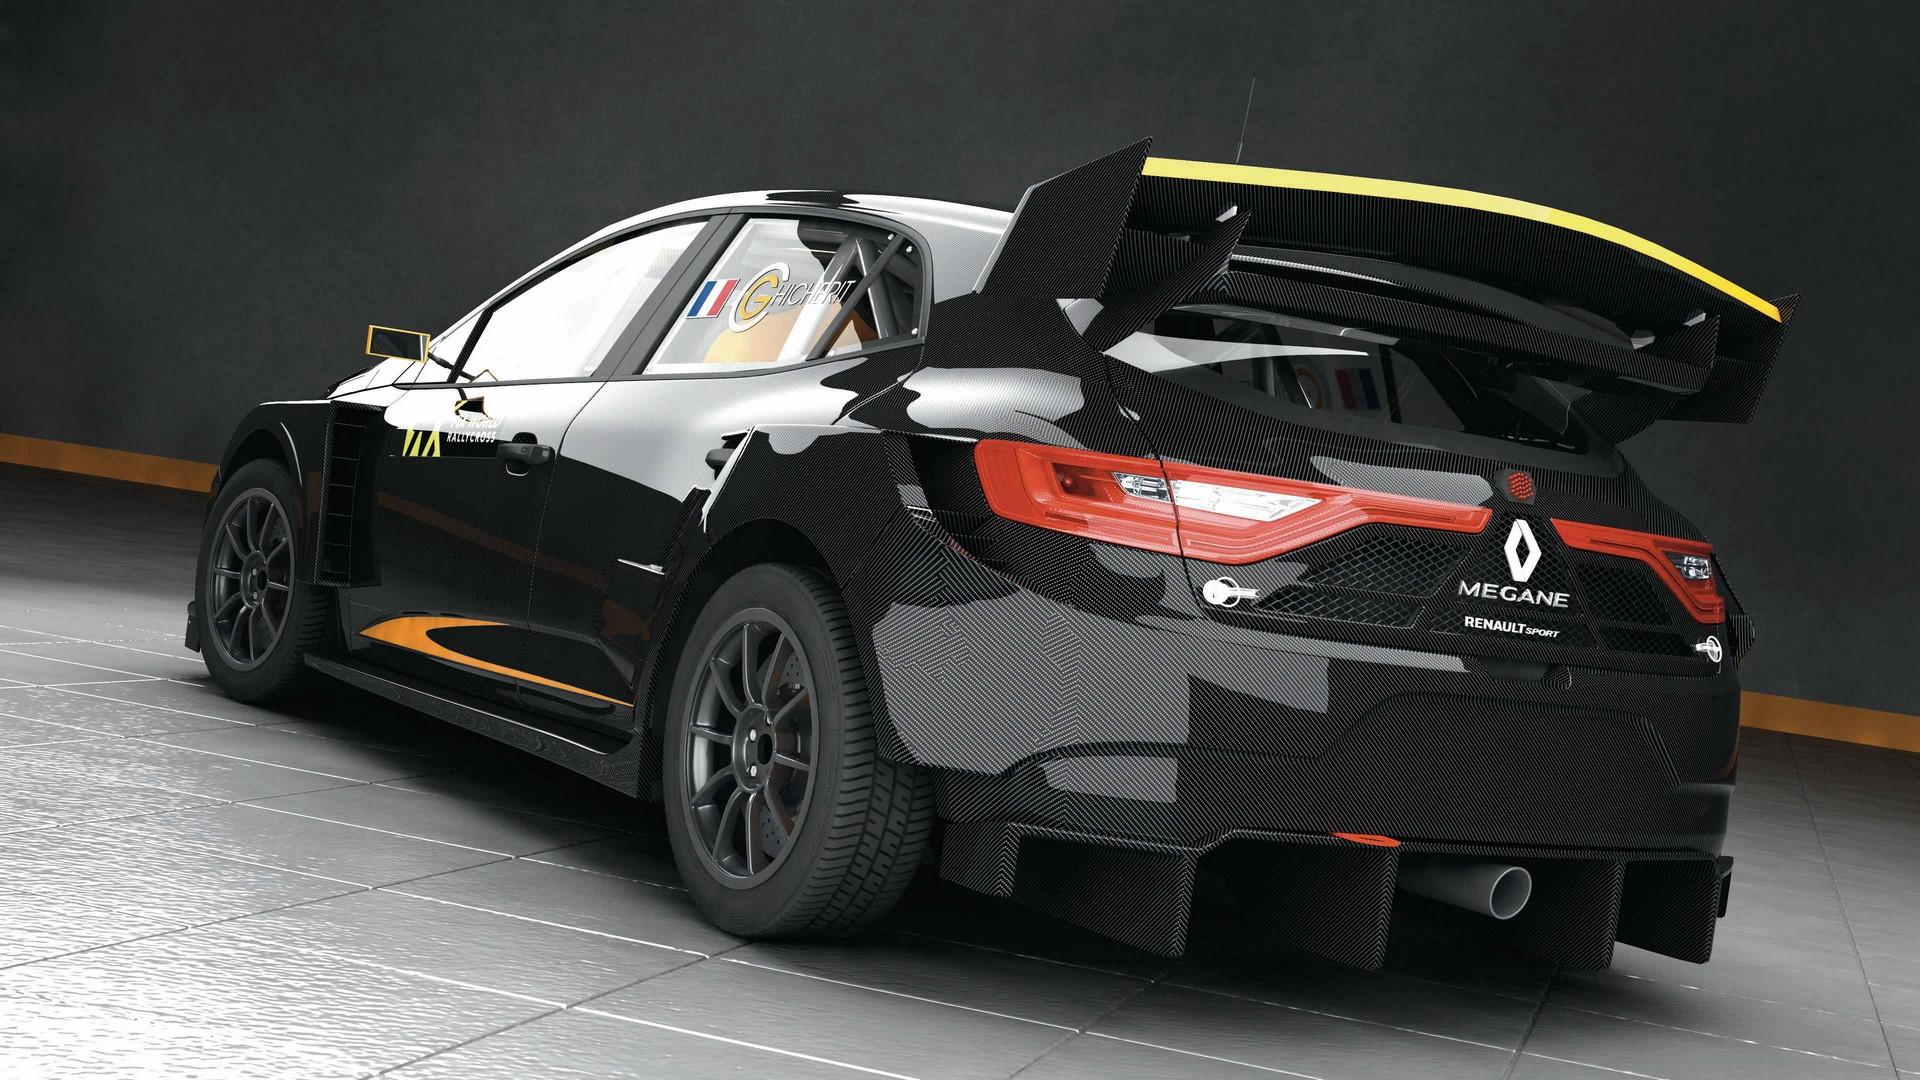 Renault Megane RX Supercar (1)